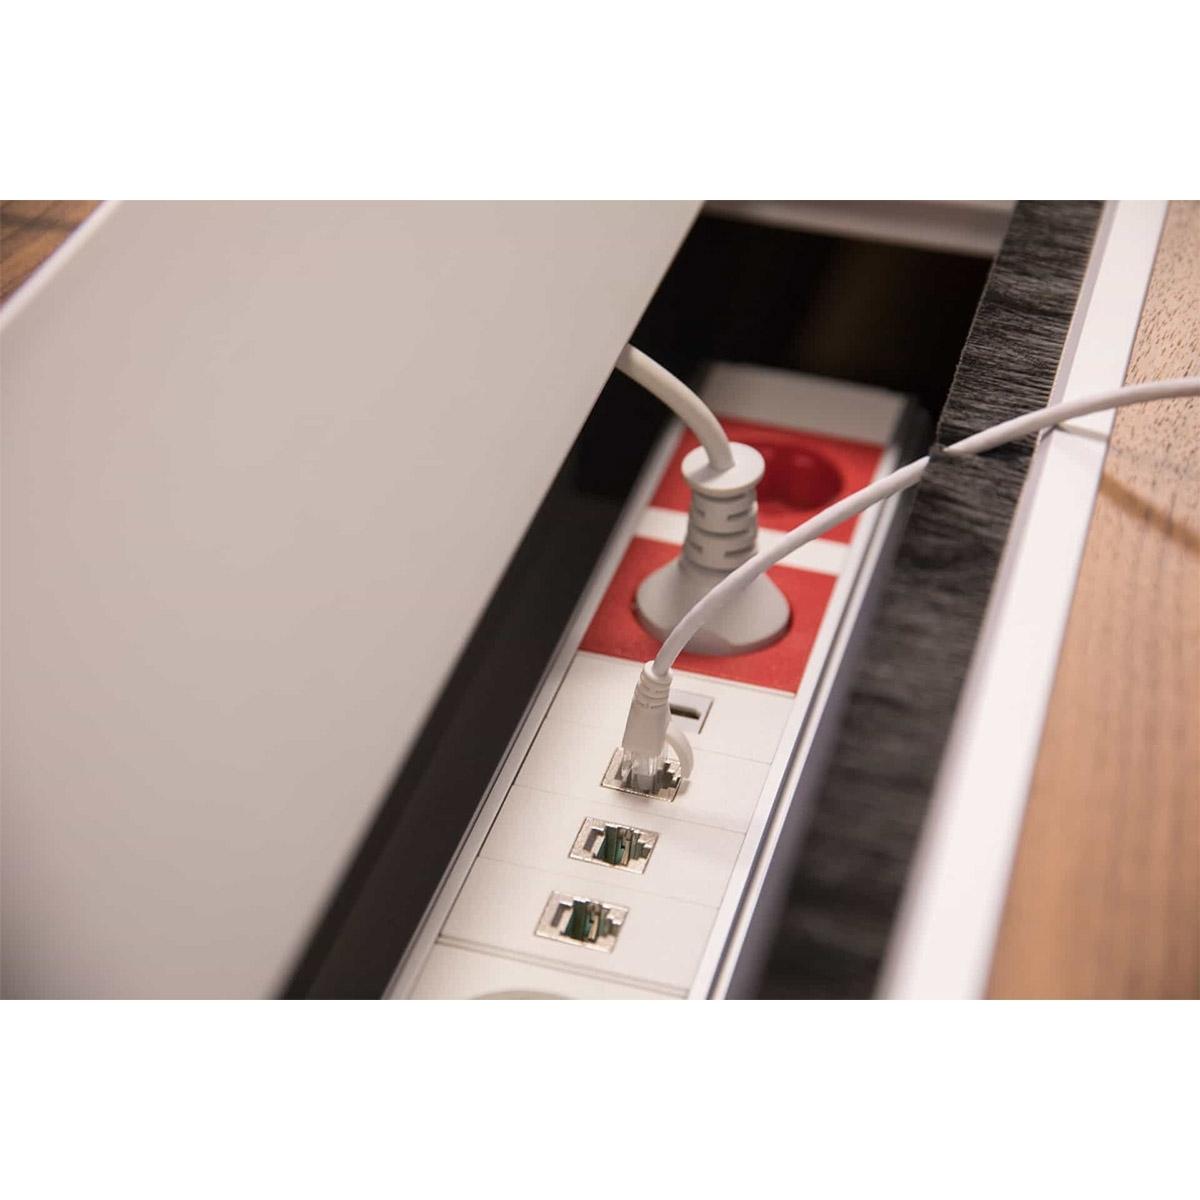 ABL 2U220MID - Короб для установки розеточных станций серии Link под стол с лючком длиной 347 мм, серебристый